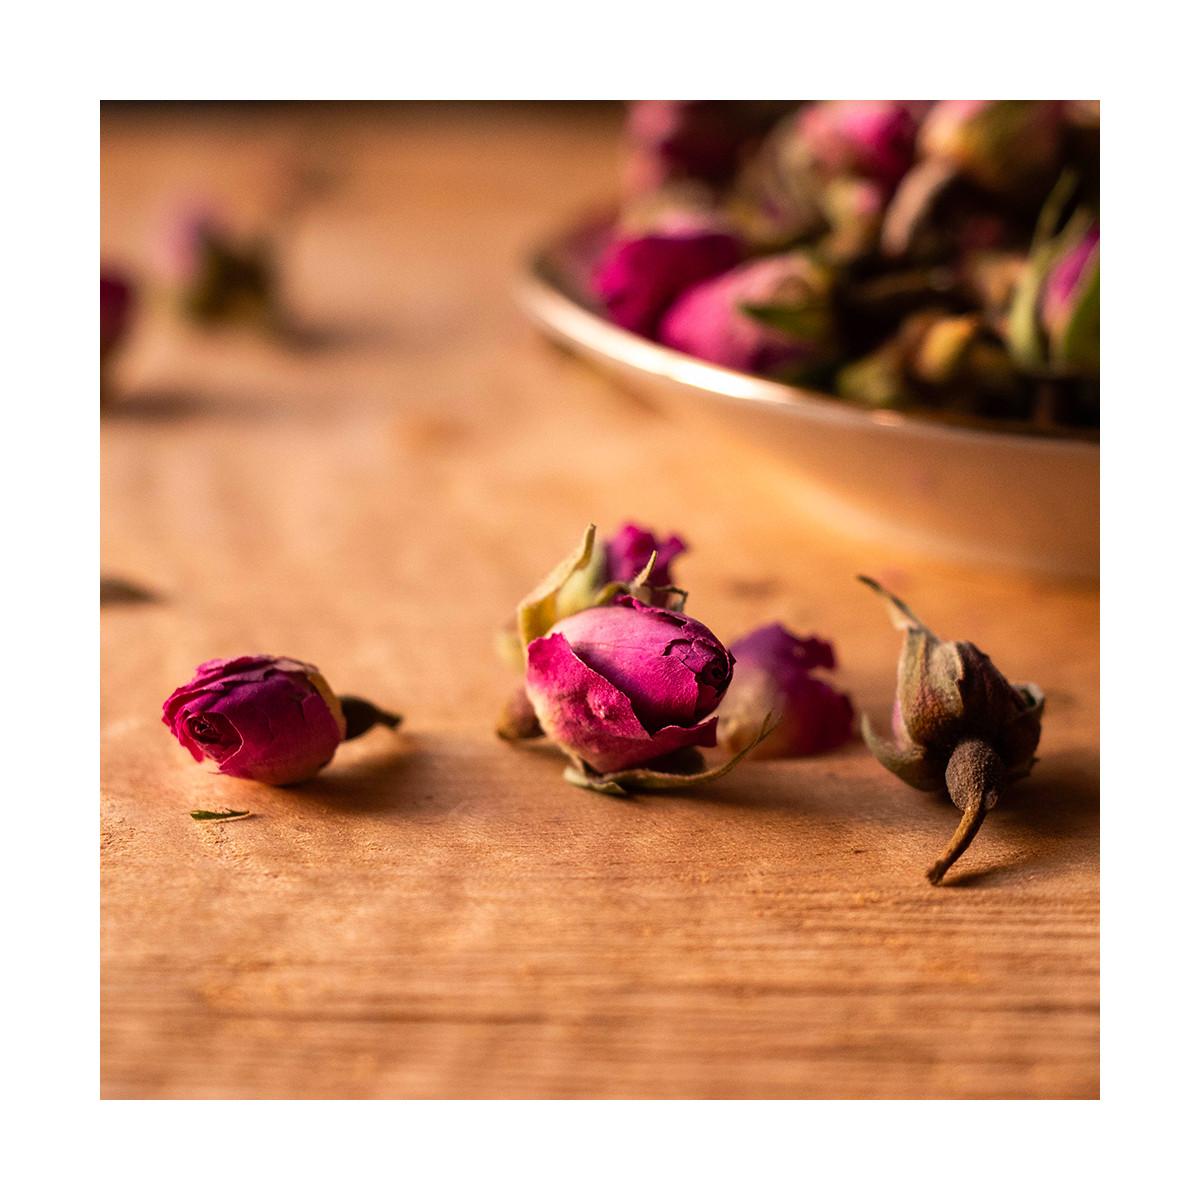 Fragrance Oud rose